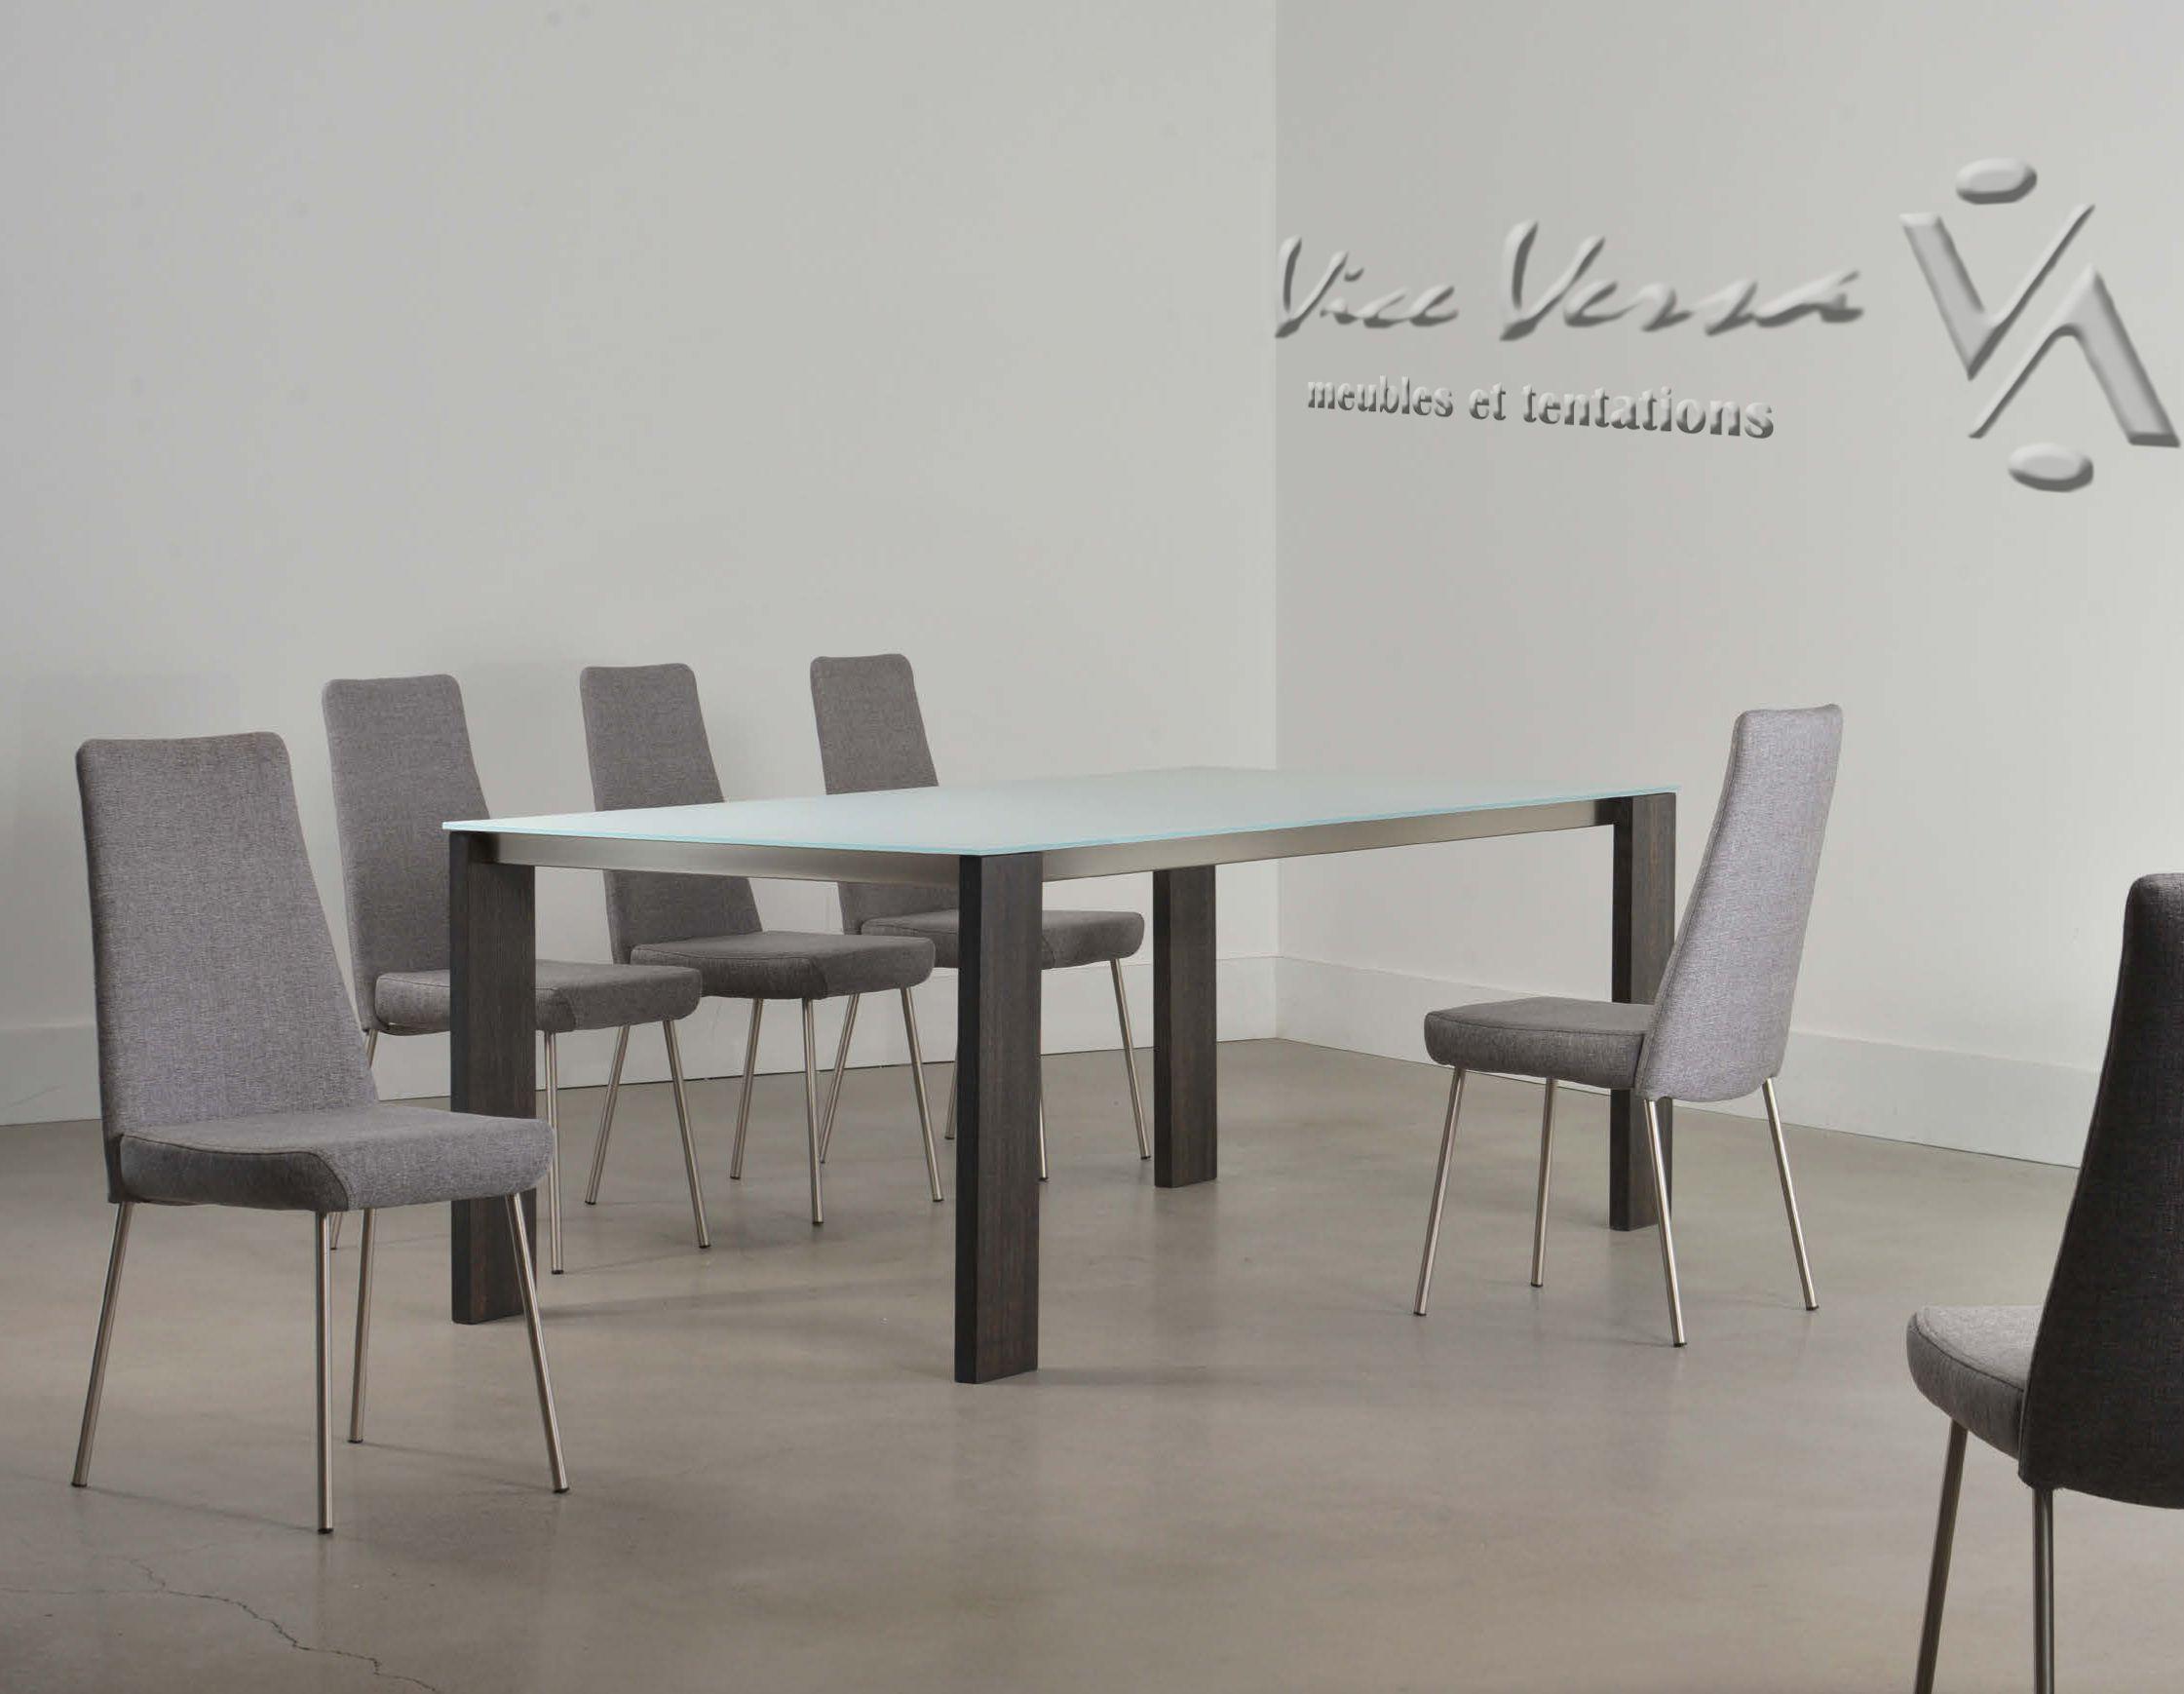 Meuble Vice Versa Table A Manger Et Emsemble De Chaises Pour La